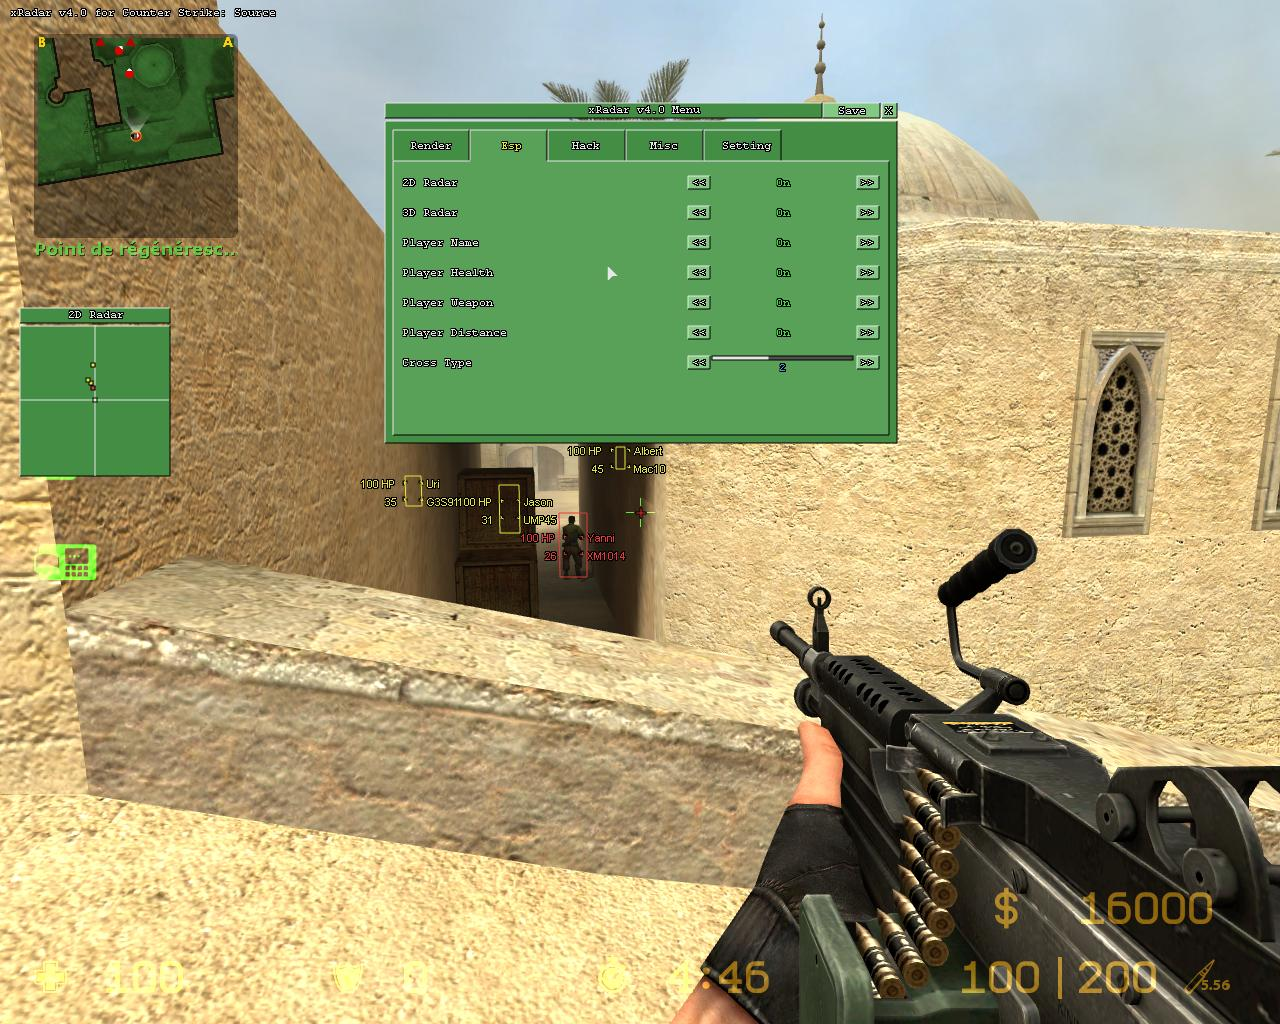 sv_cheats 1 cs go aimbot